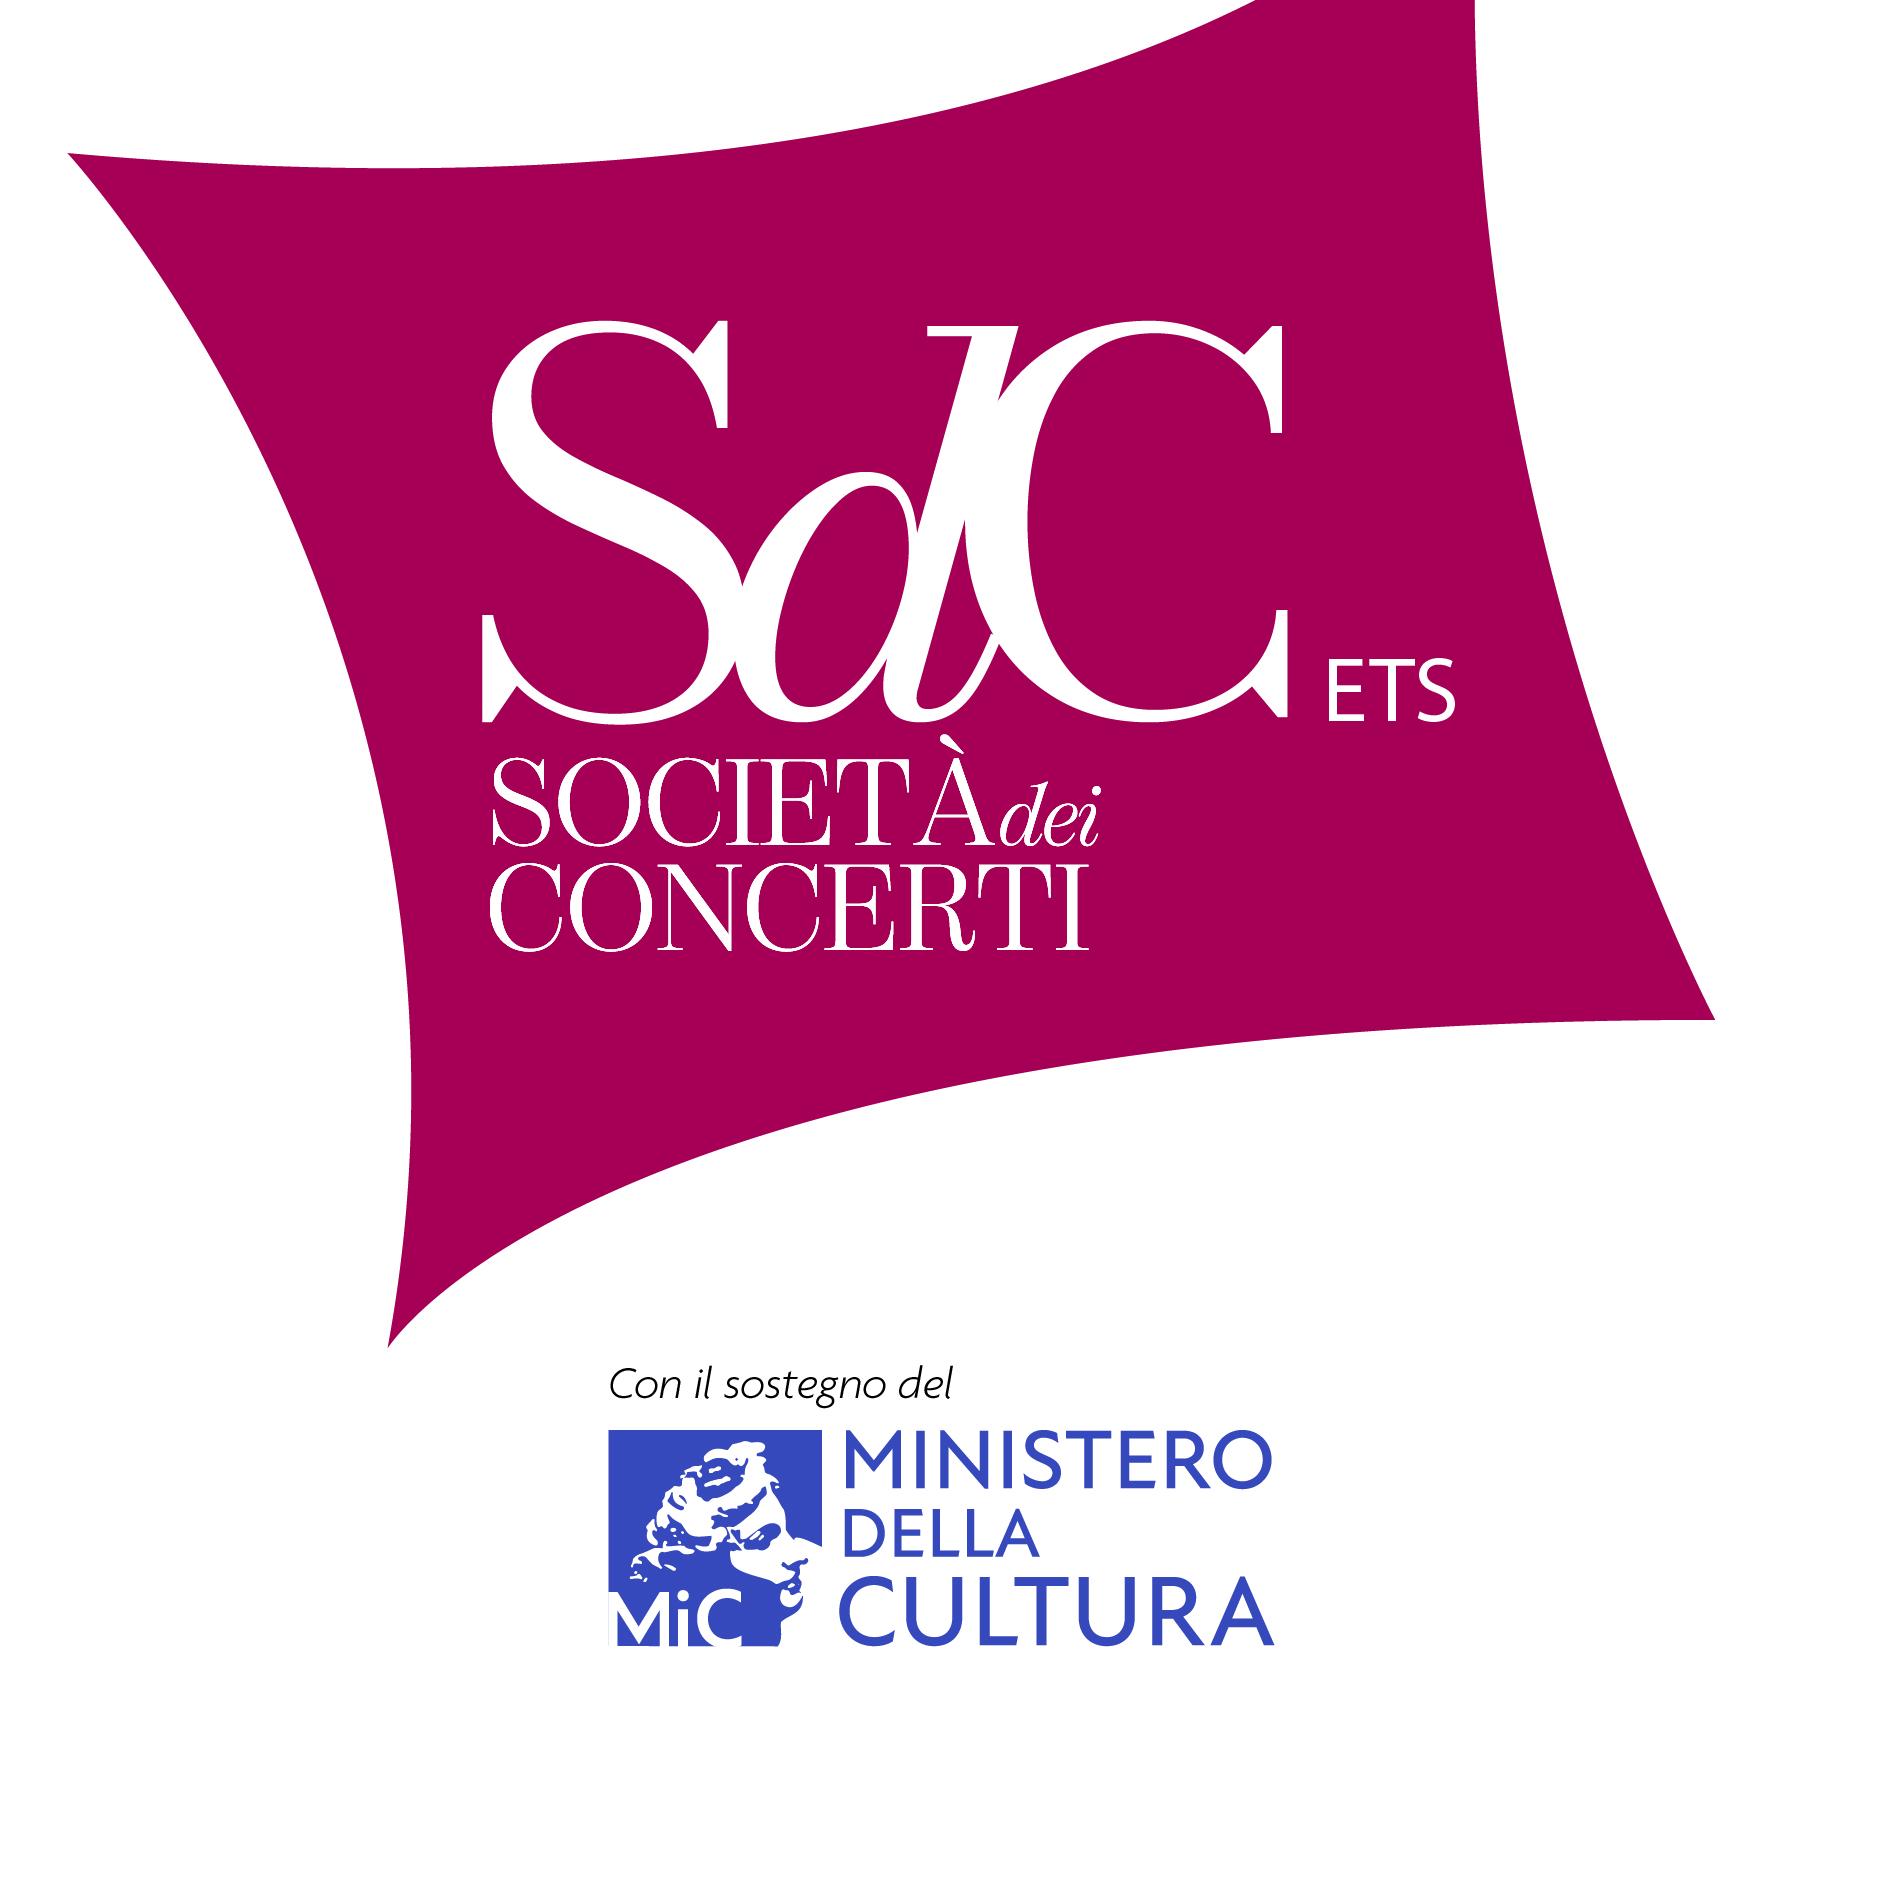 Società dei Concerti La Spezia